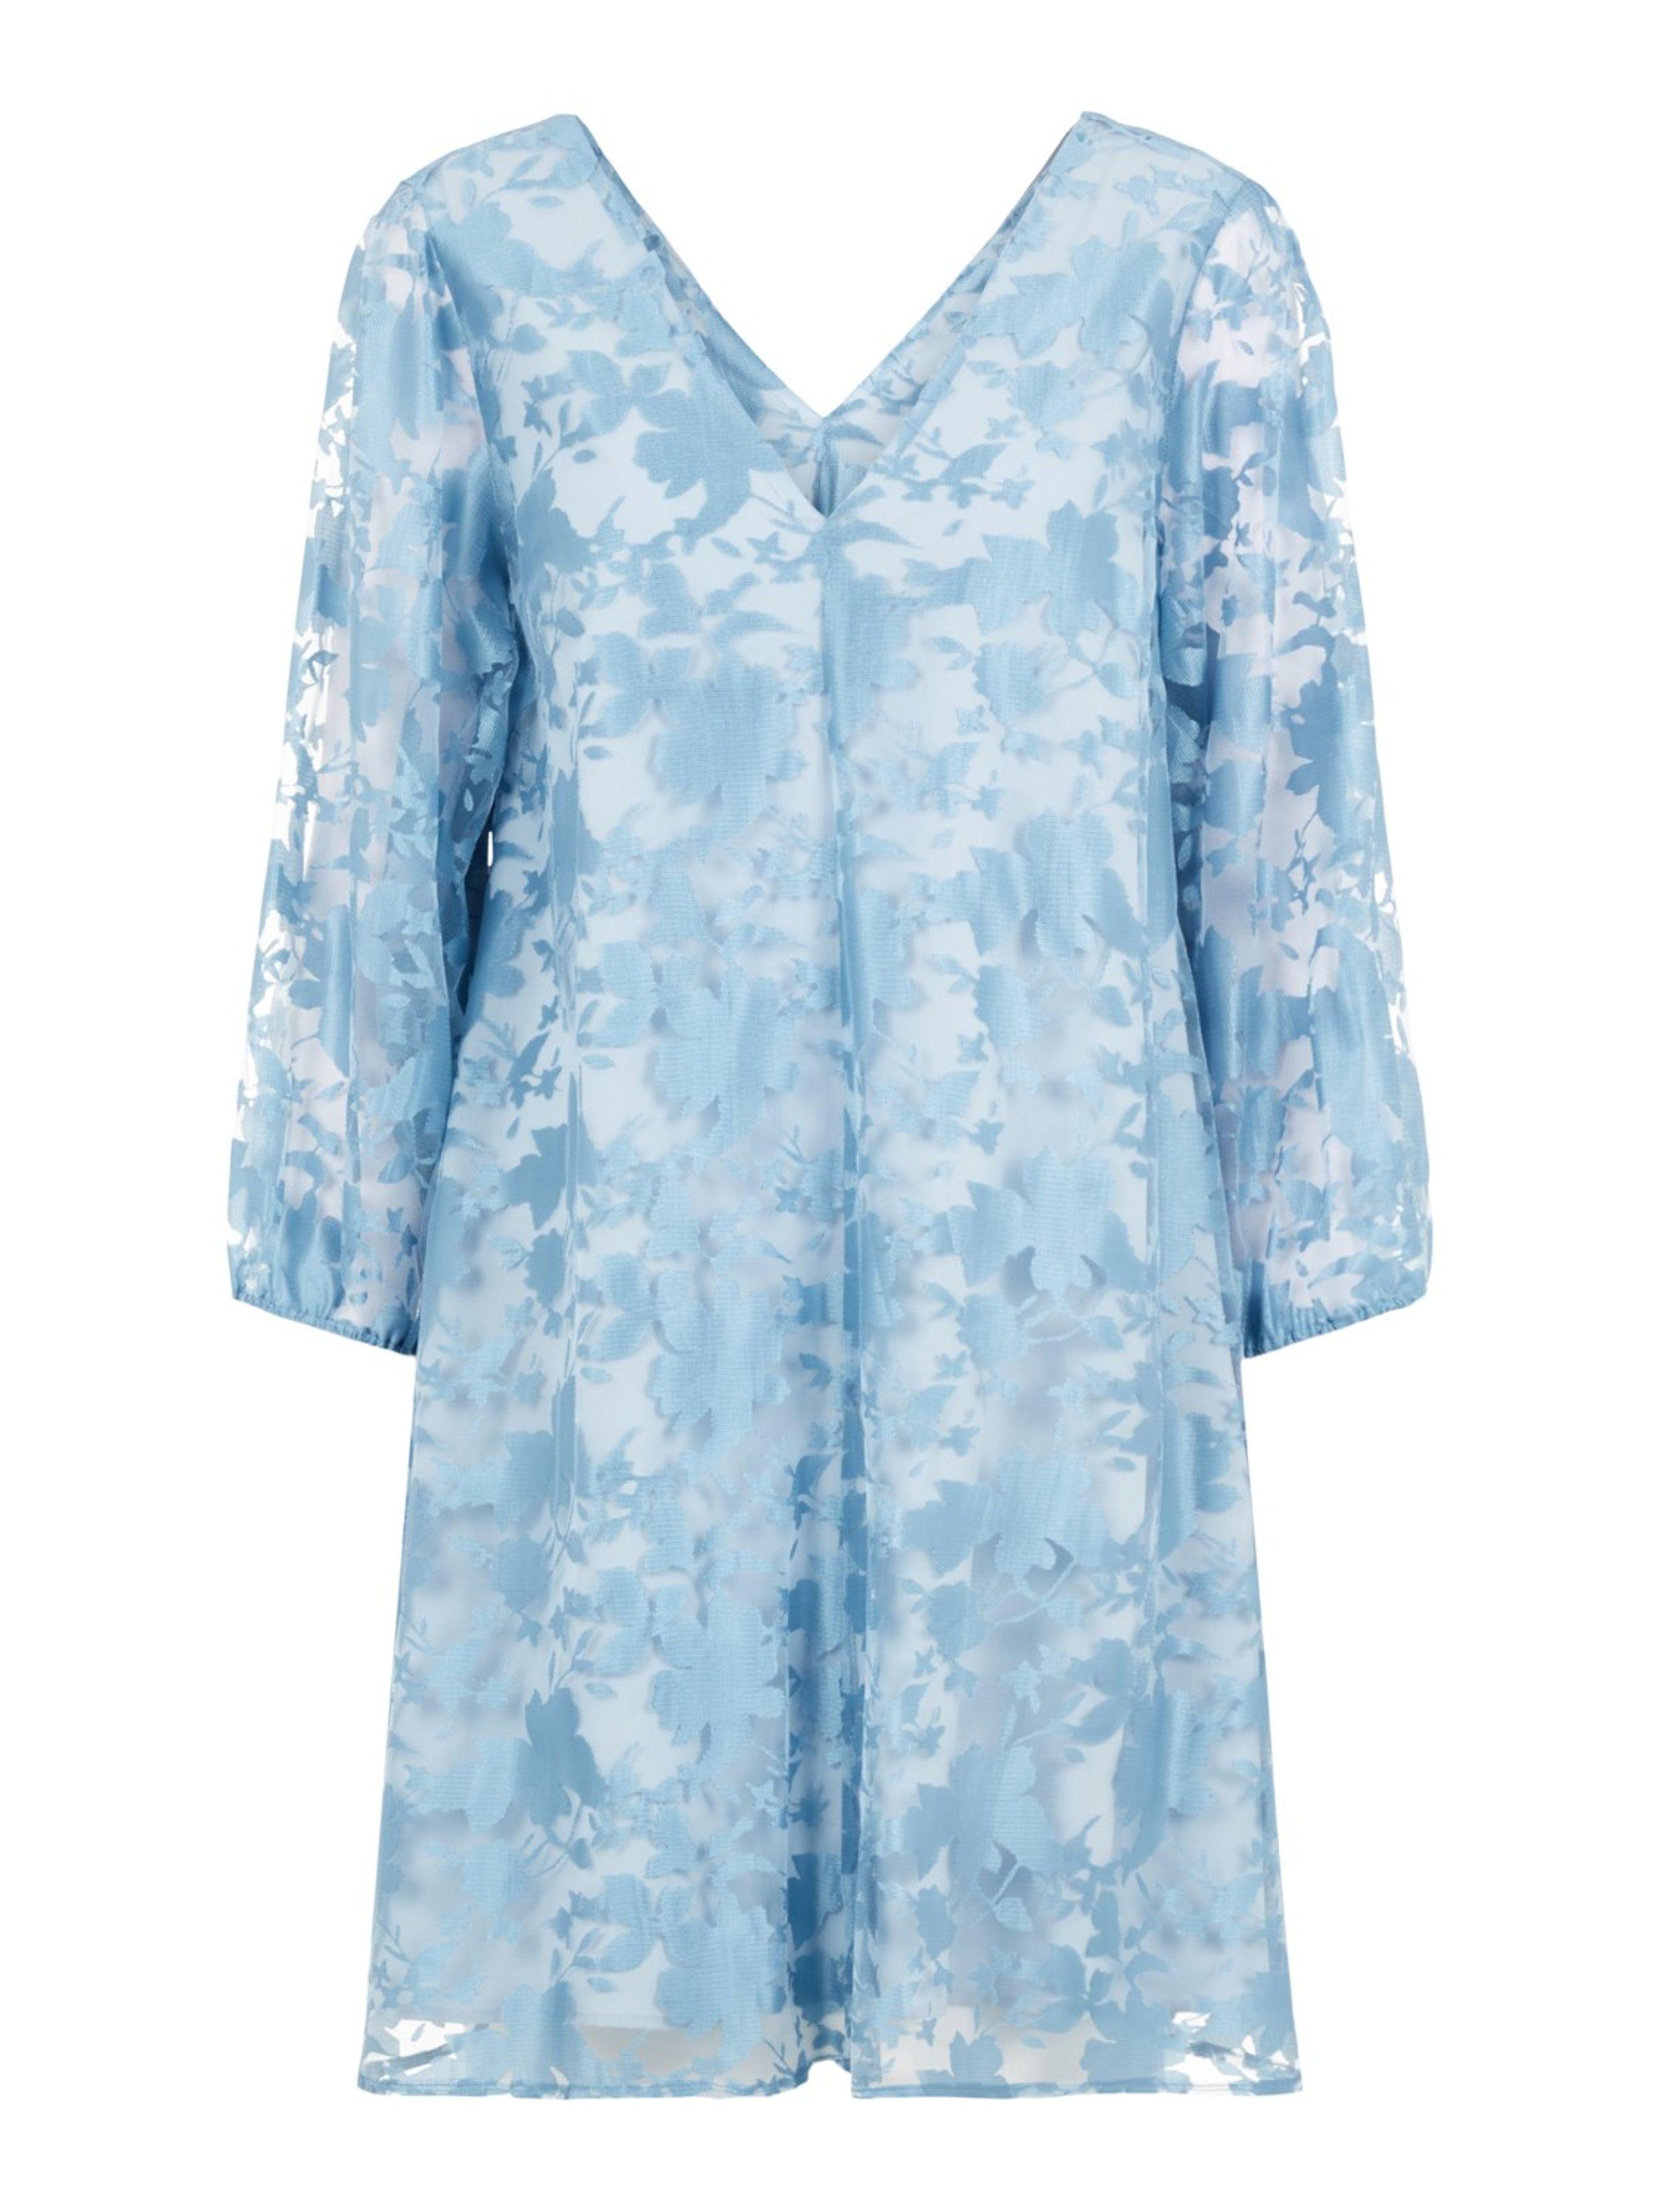 yaswendy 3/4 dress